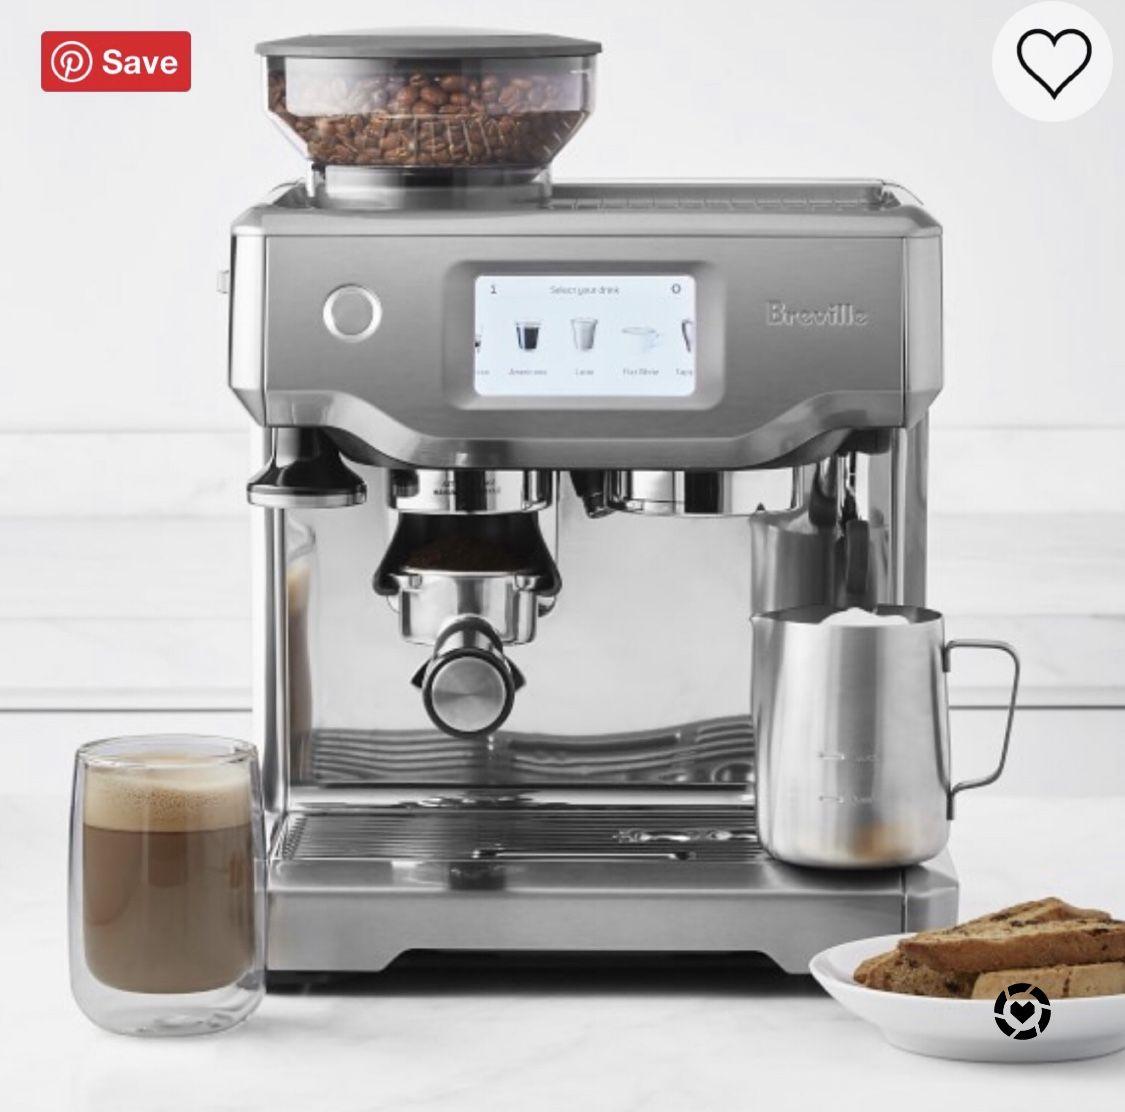 Breville Espresso Machine Sale In 2020 Breville Espresso Machine Espresso Machine Espresso